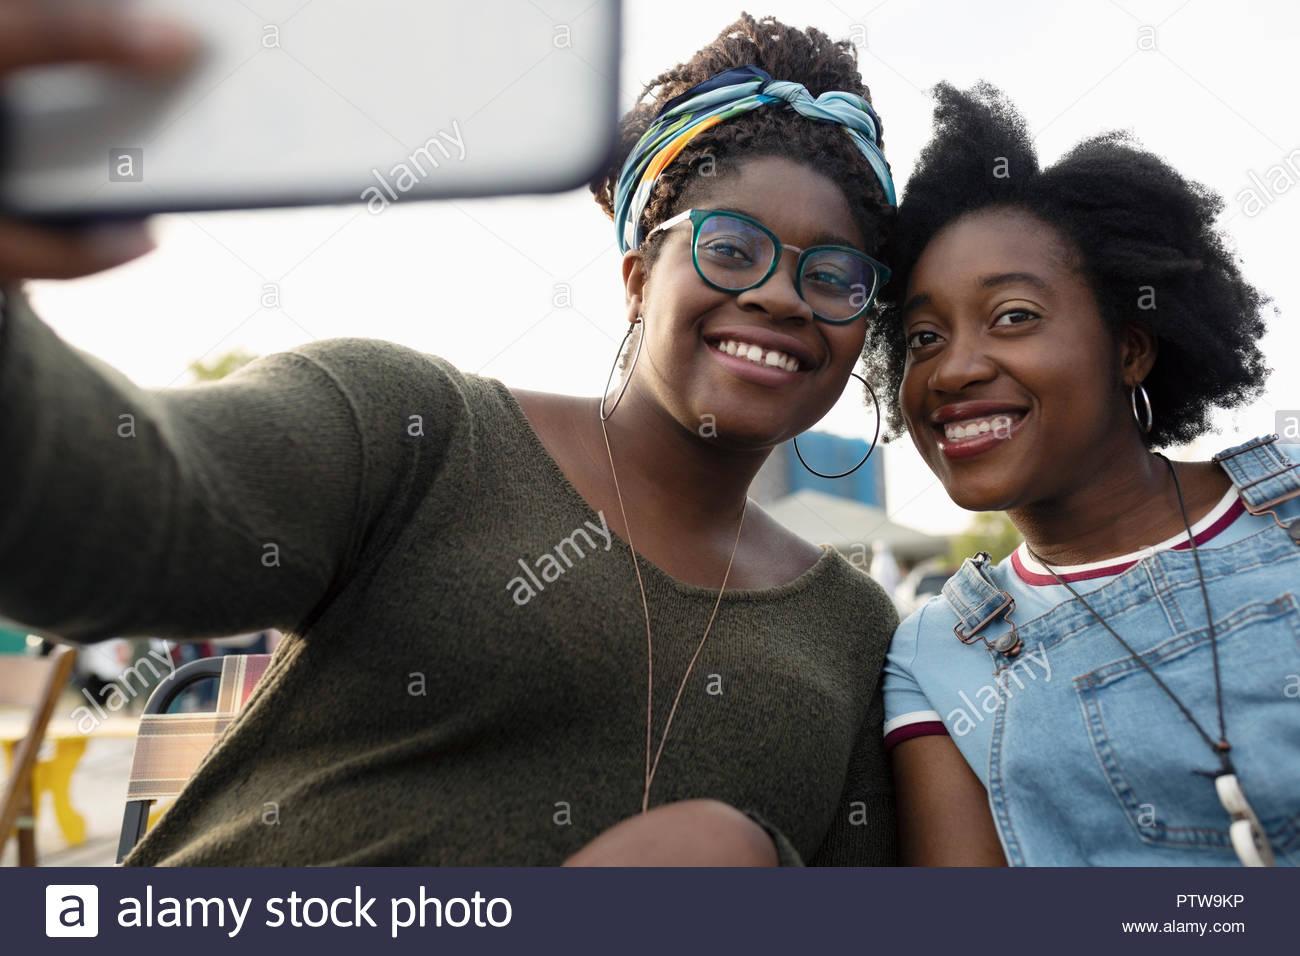 Portrait lächelnde Schwestern unter selfie mit Kamera Handy Stockbild